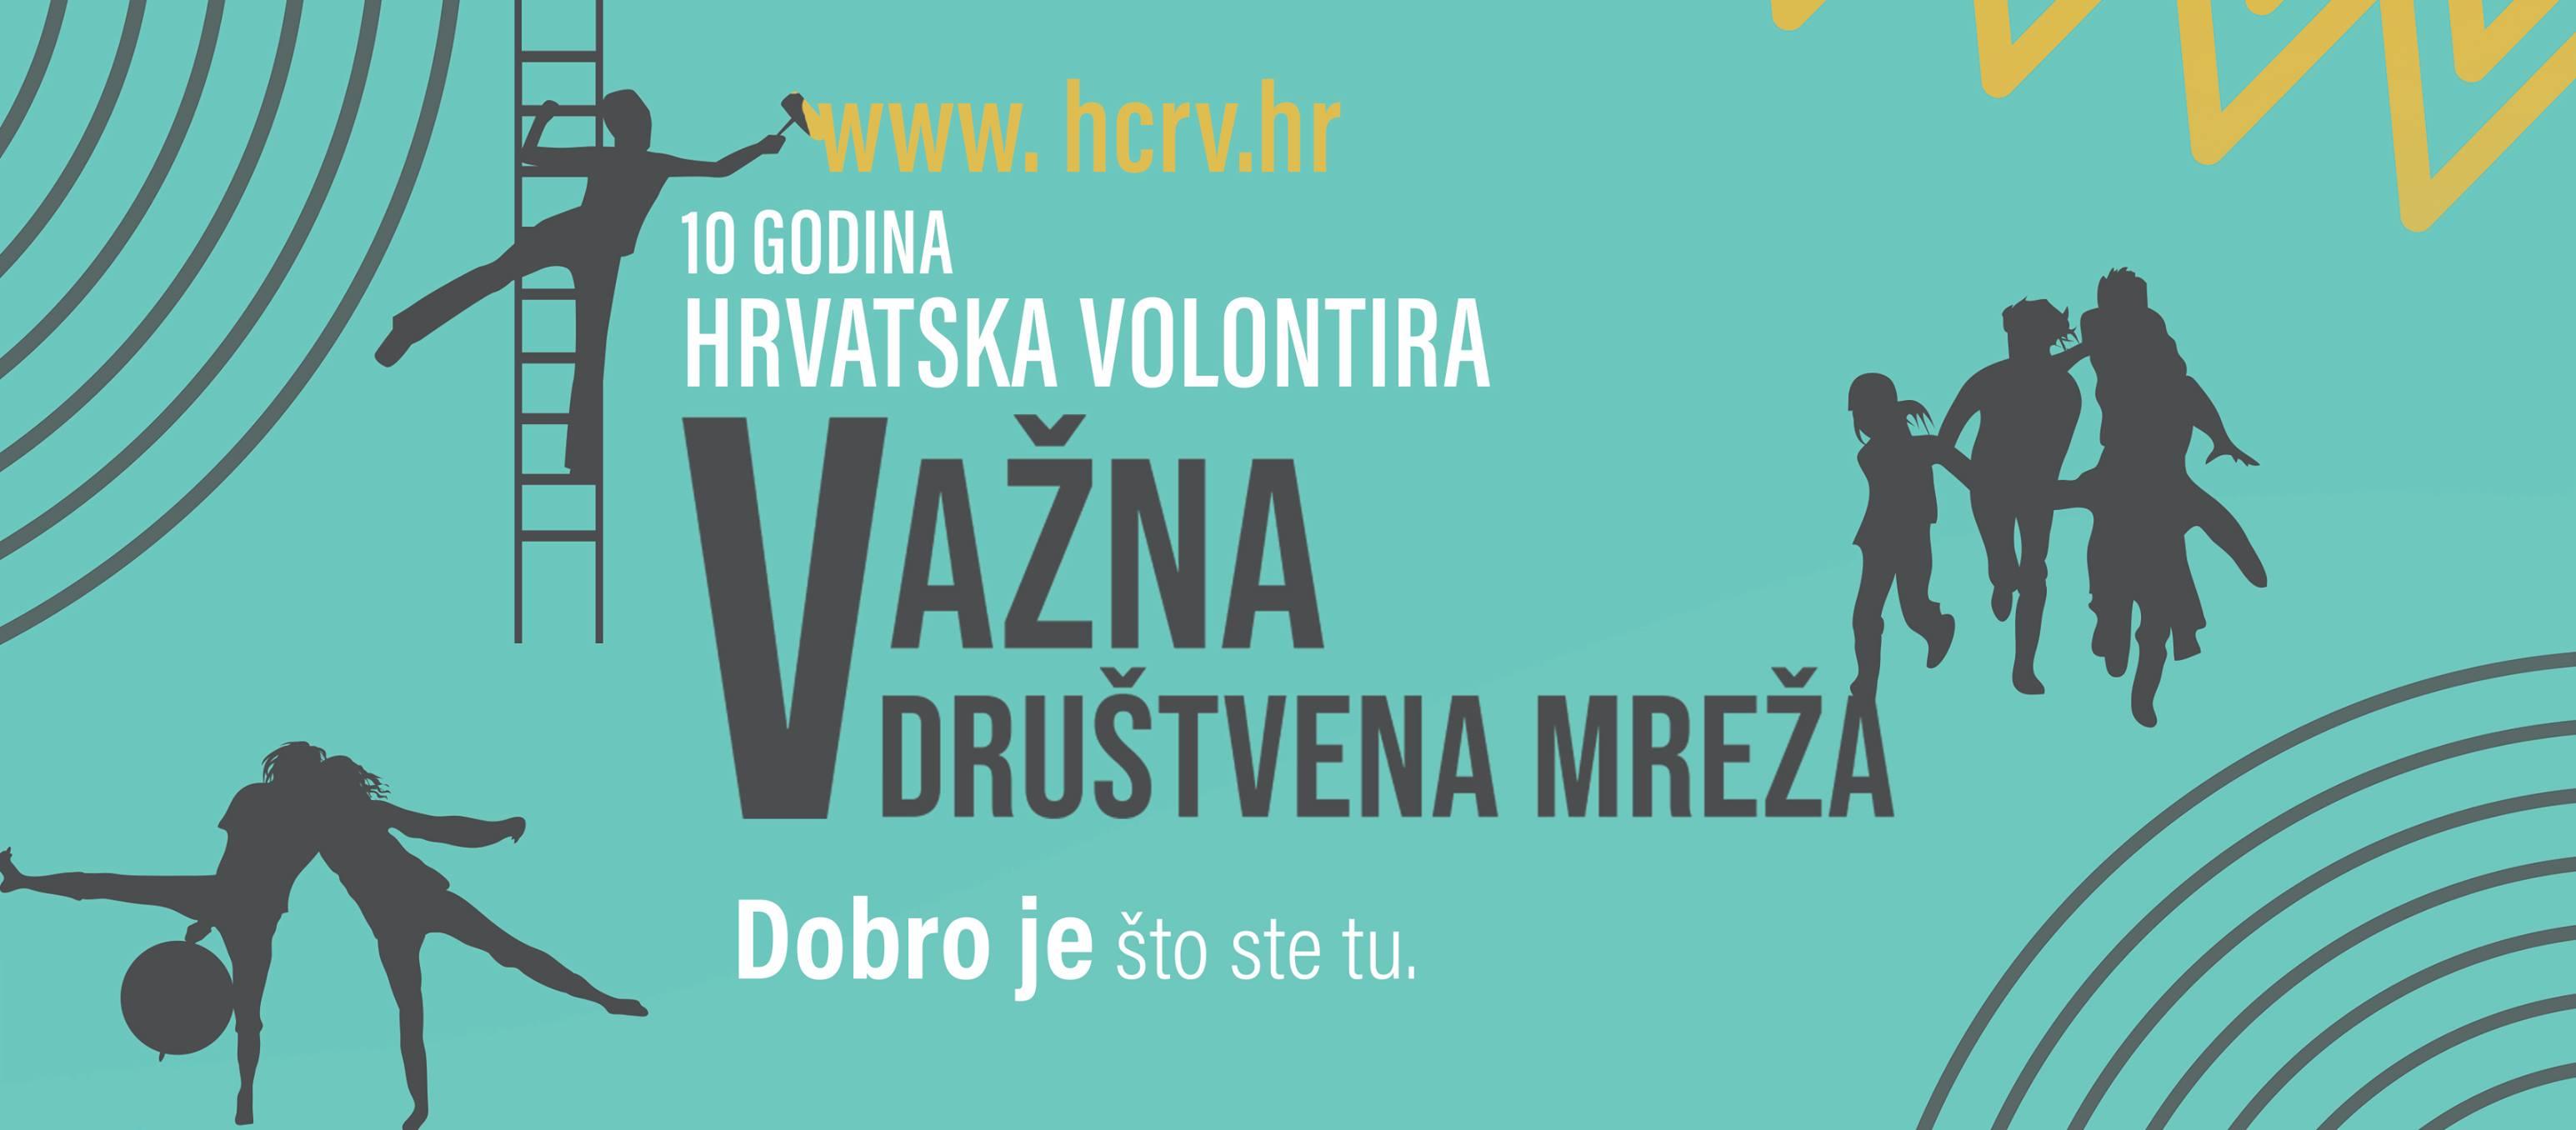 Hrvatska volontira 2020. - Važna društvena mreža!